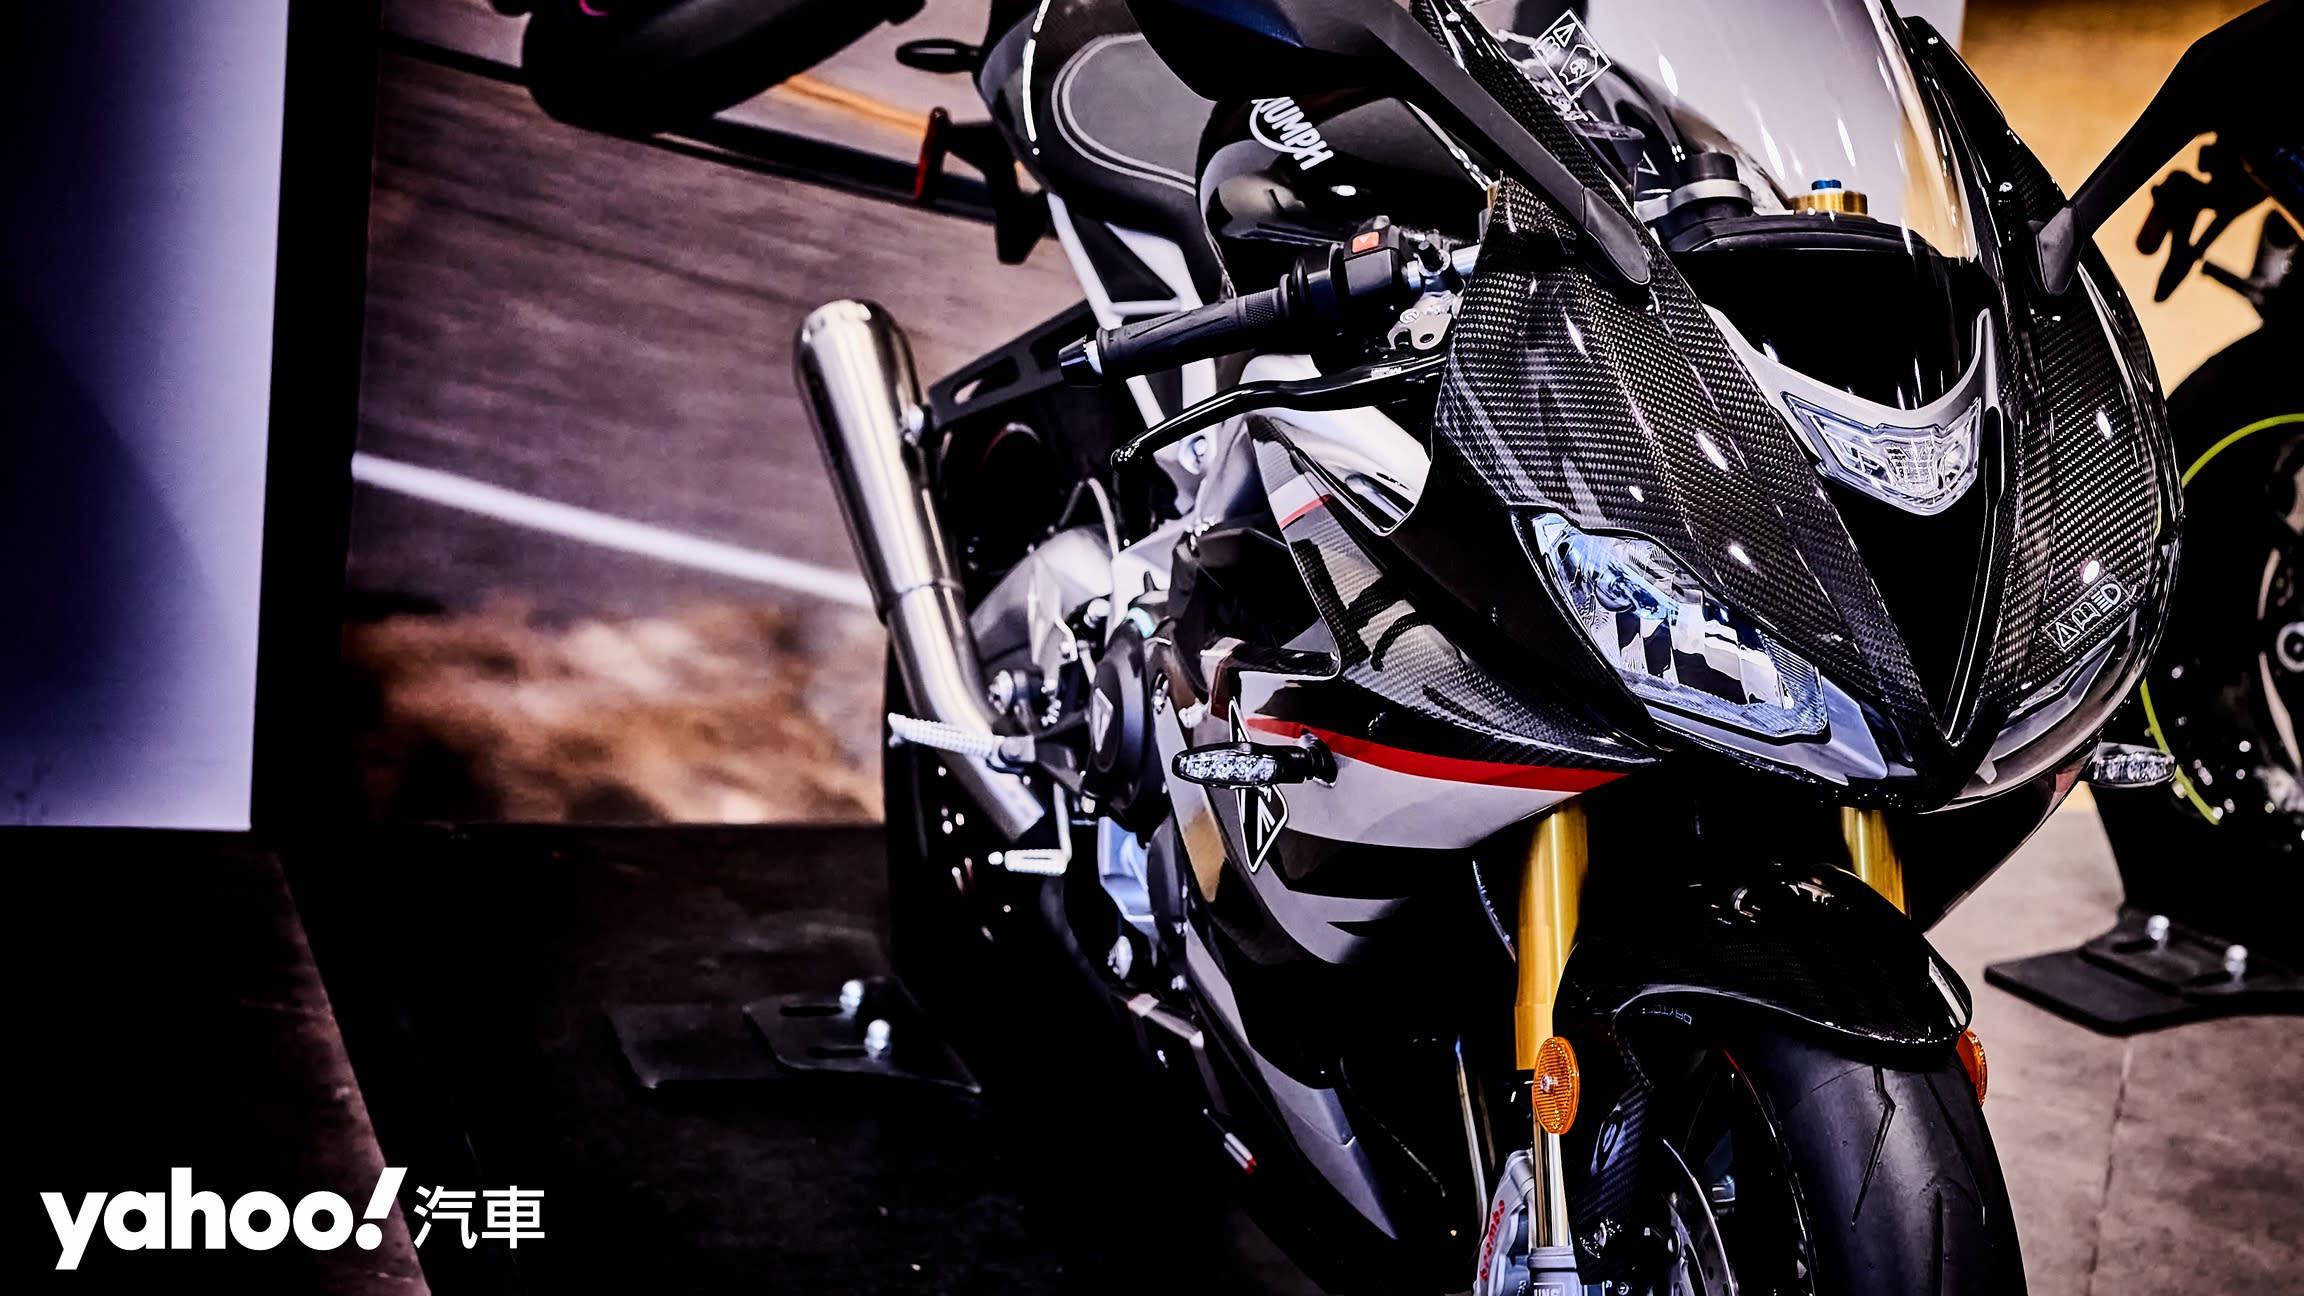 唯一官方認可道路化廠車!Triumph Daytona Moto2 765 Limited Edition實車鑑賞!